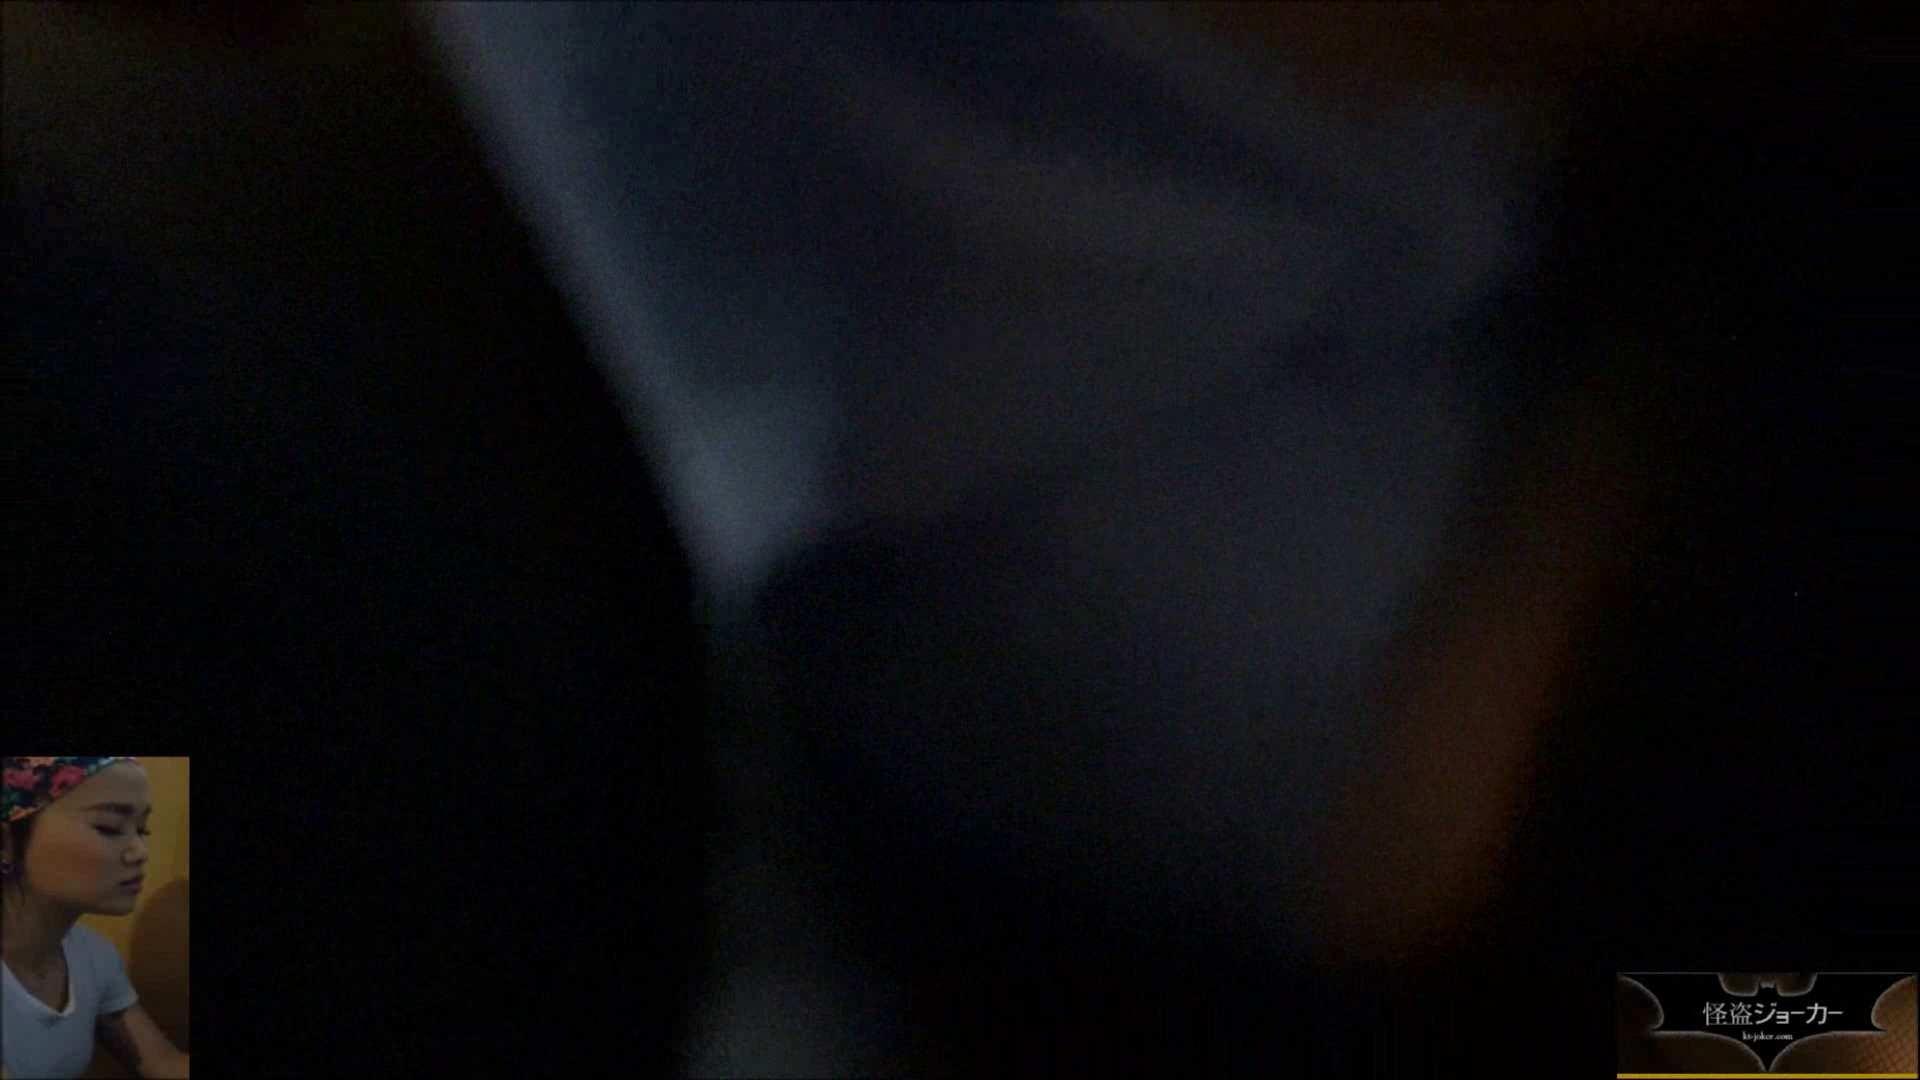 【未公開】vol.86 {清楚とファスト系ギャル}KAZUMI&SAEちゃん ギャルズ ワレメ動画紹介 74画像 18